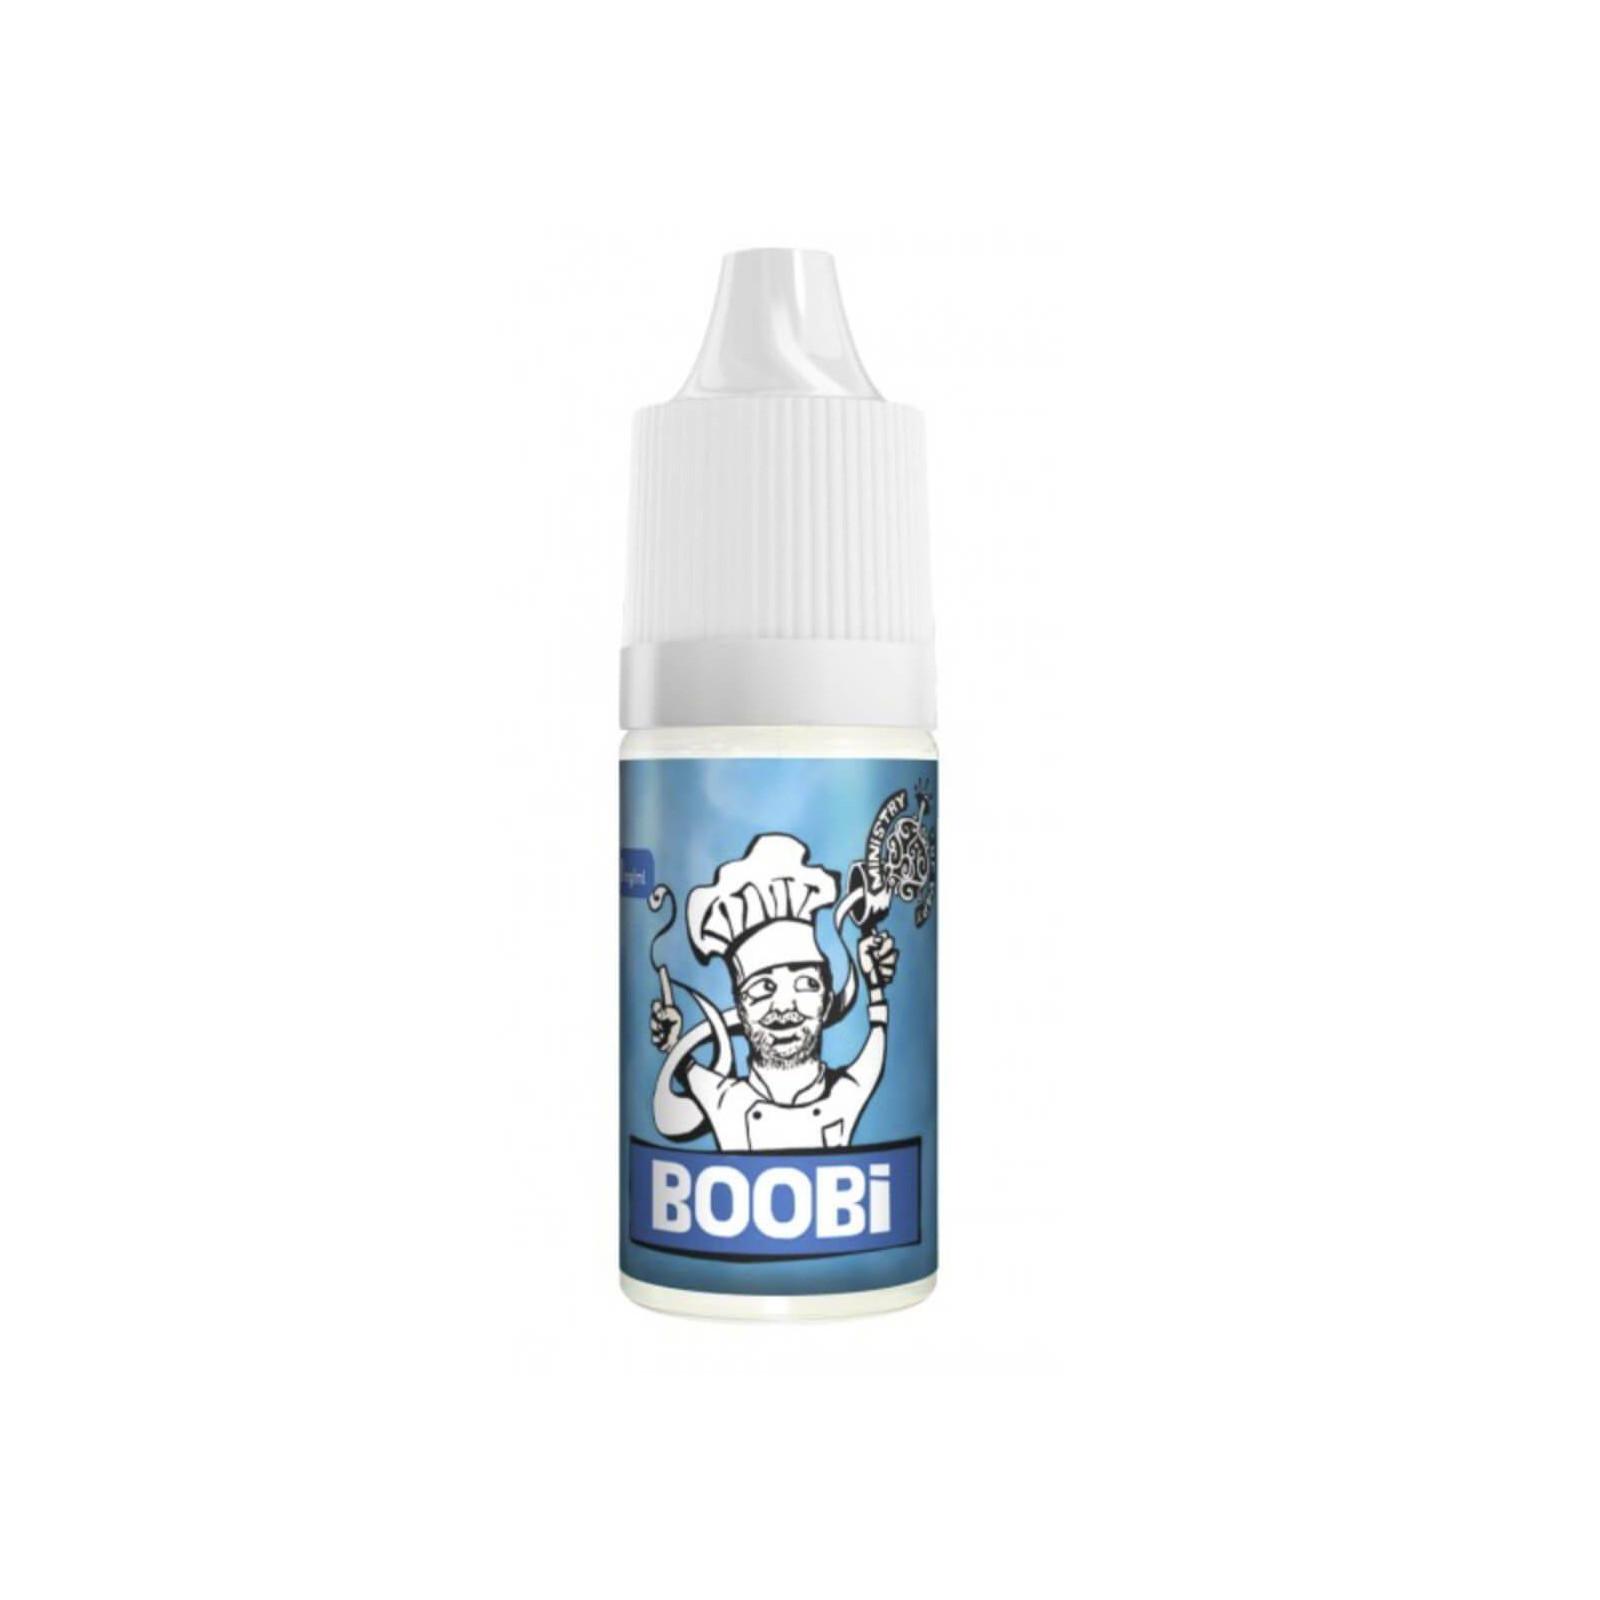 Boobi - Ministry Of Vap